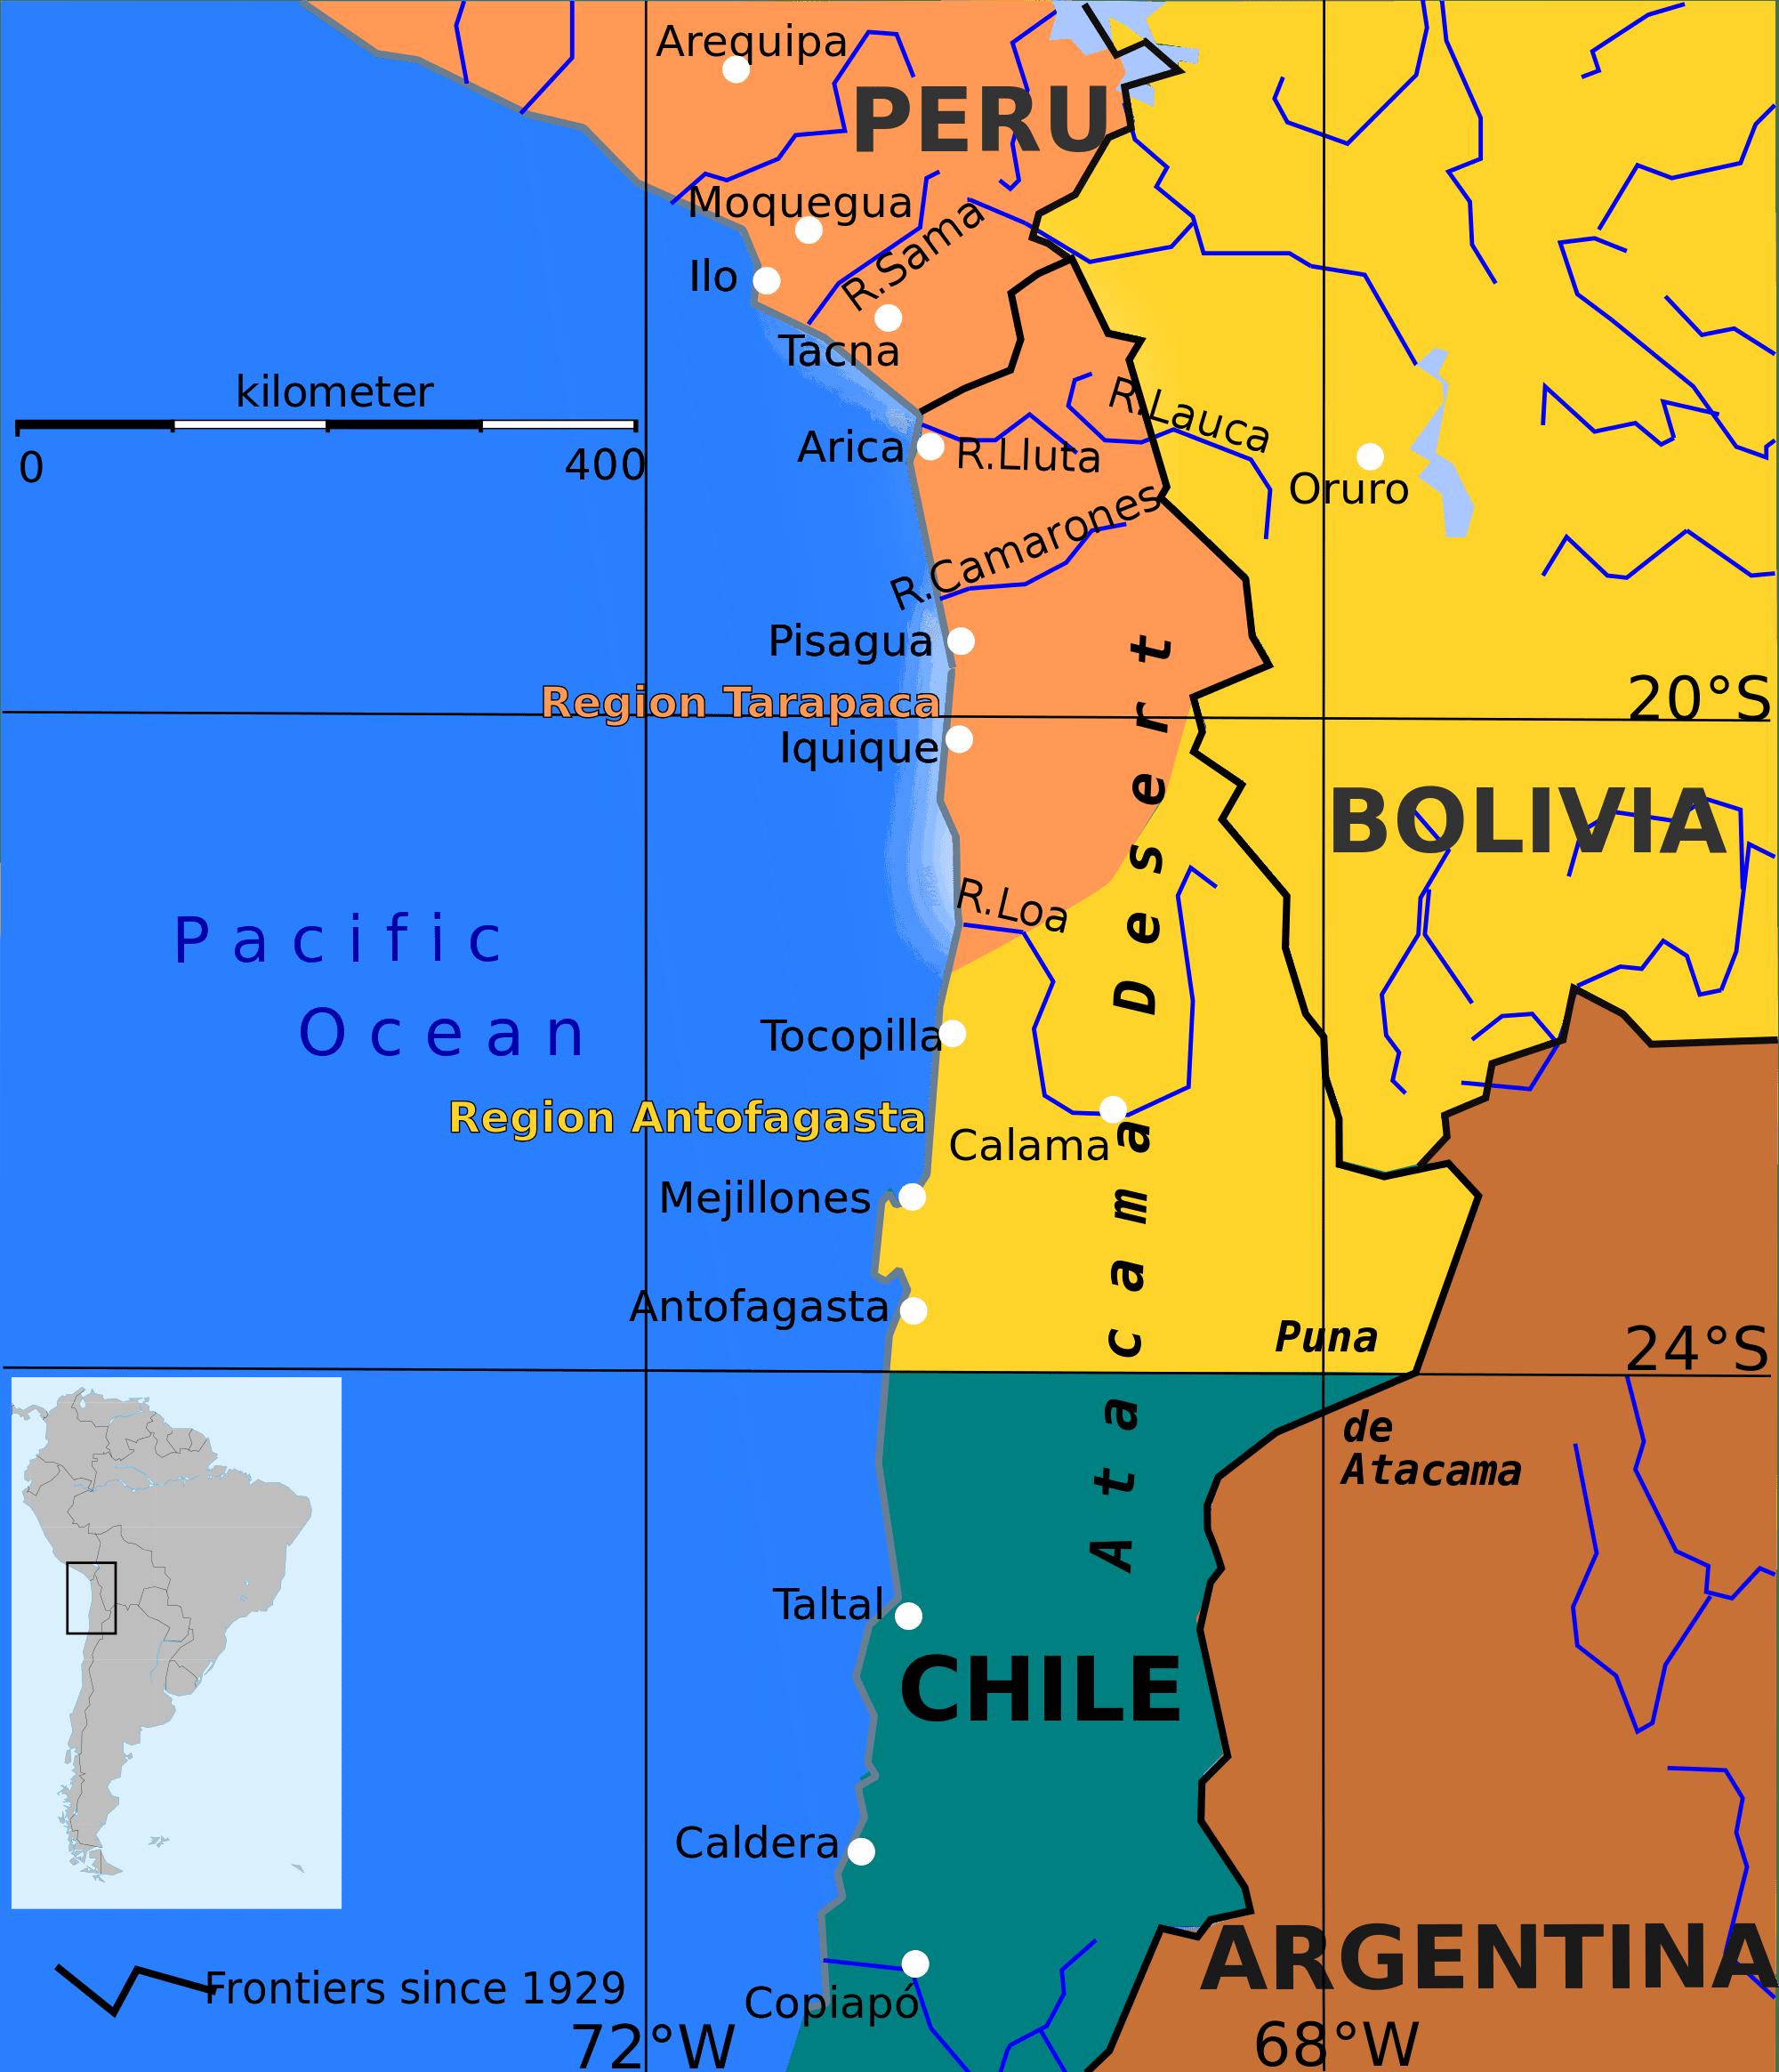 كم يبلغ عدد سكان جمهورية تشيلي ؟